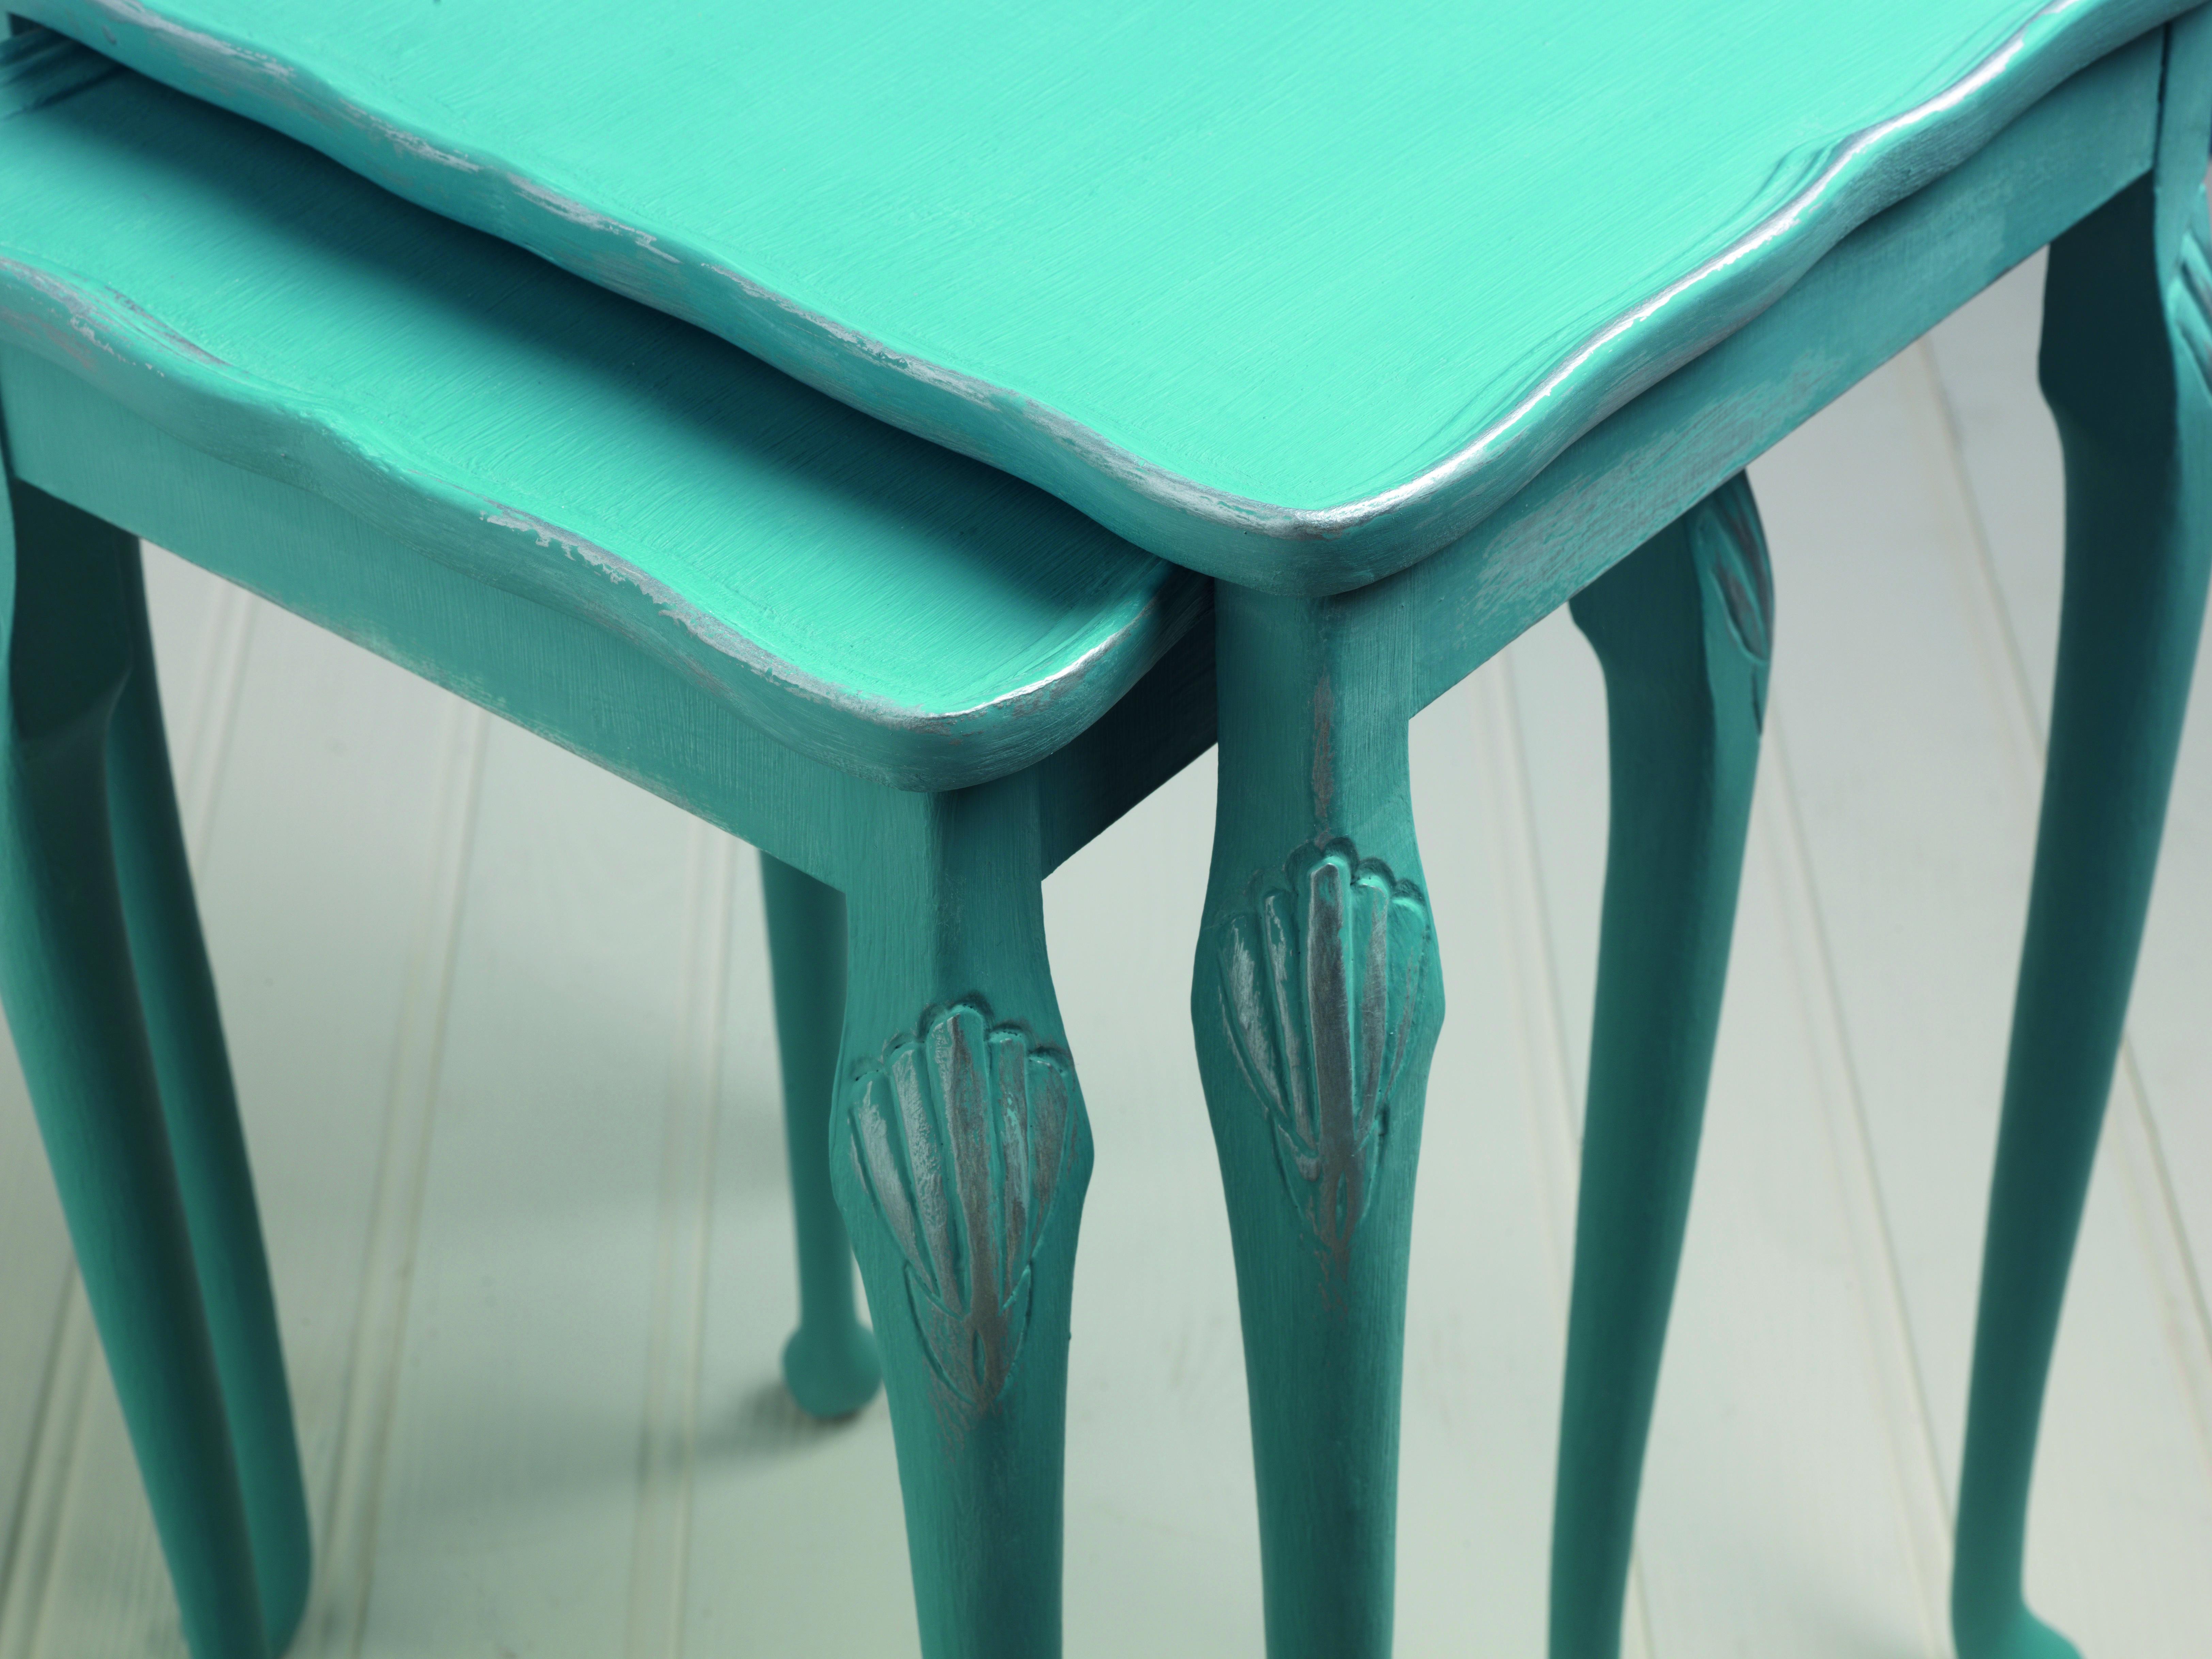 Recyclez customisez patinez votre mobilier avec la for Cire pour meuble peint